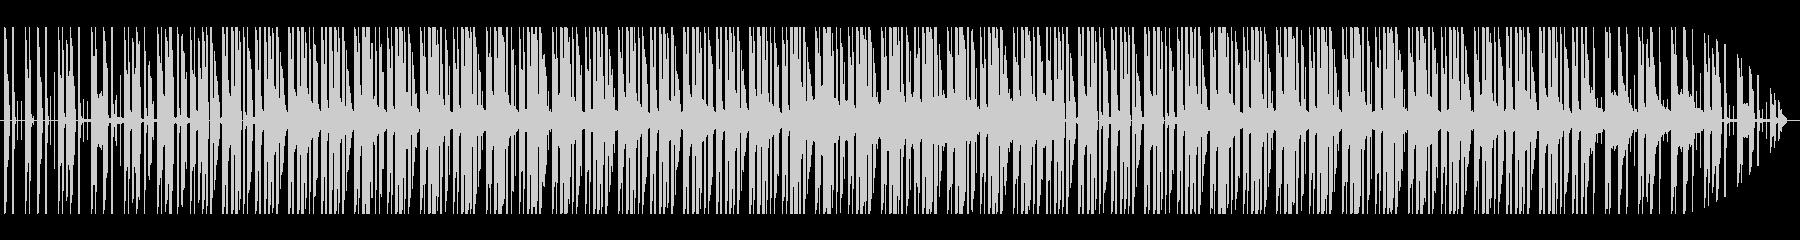 怪しい感じのサウンドの未再生の波形